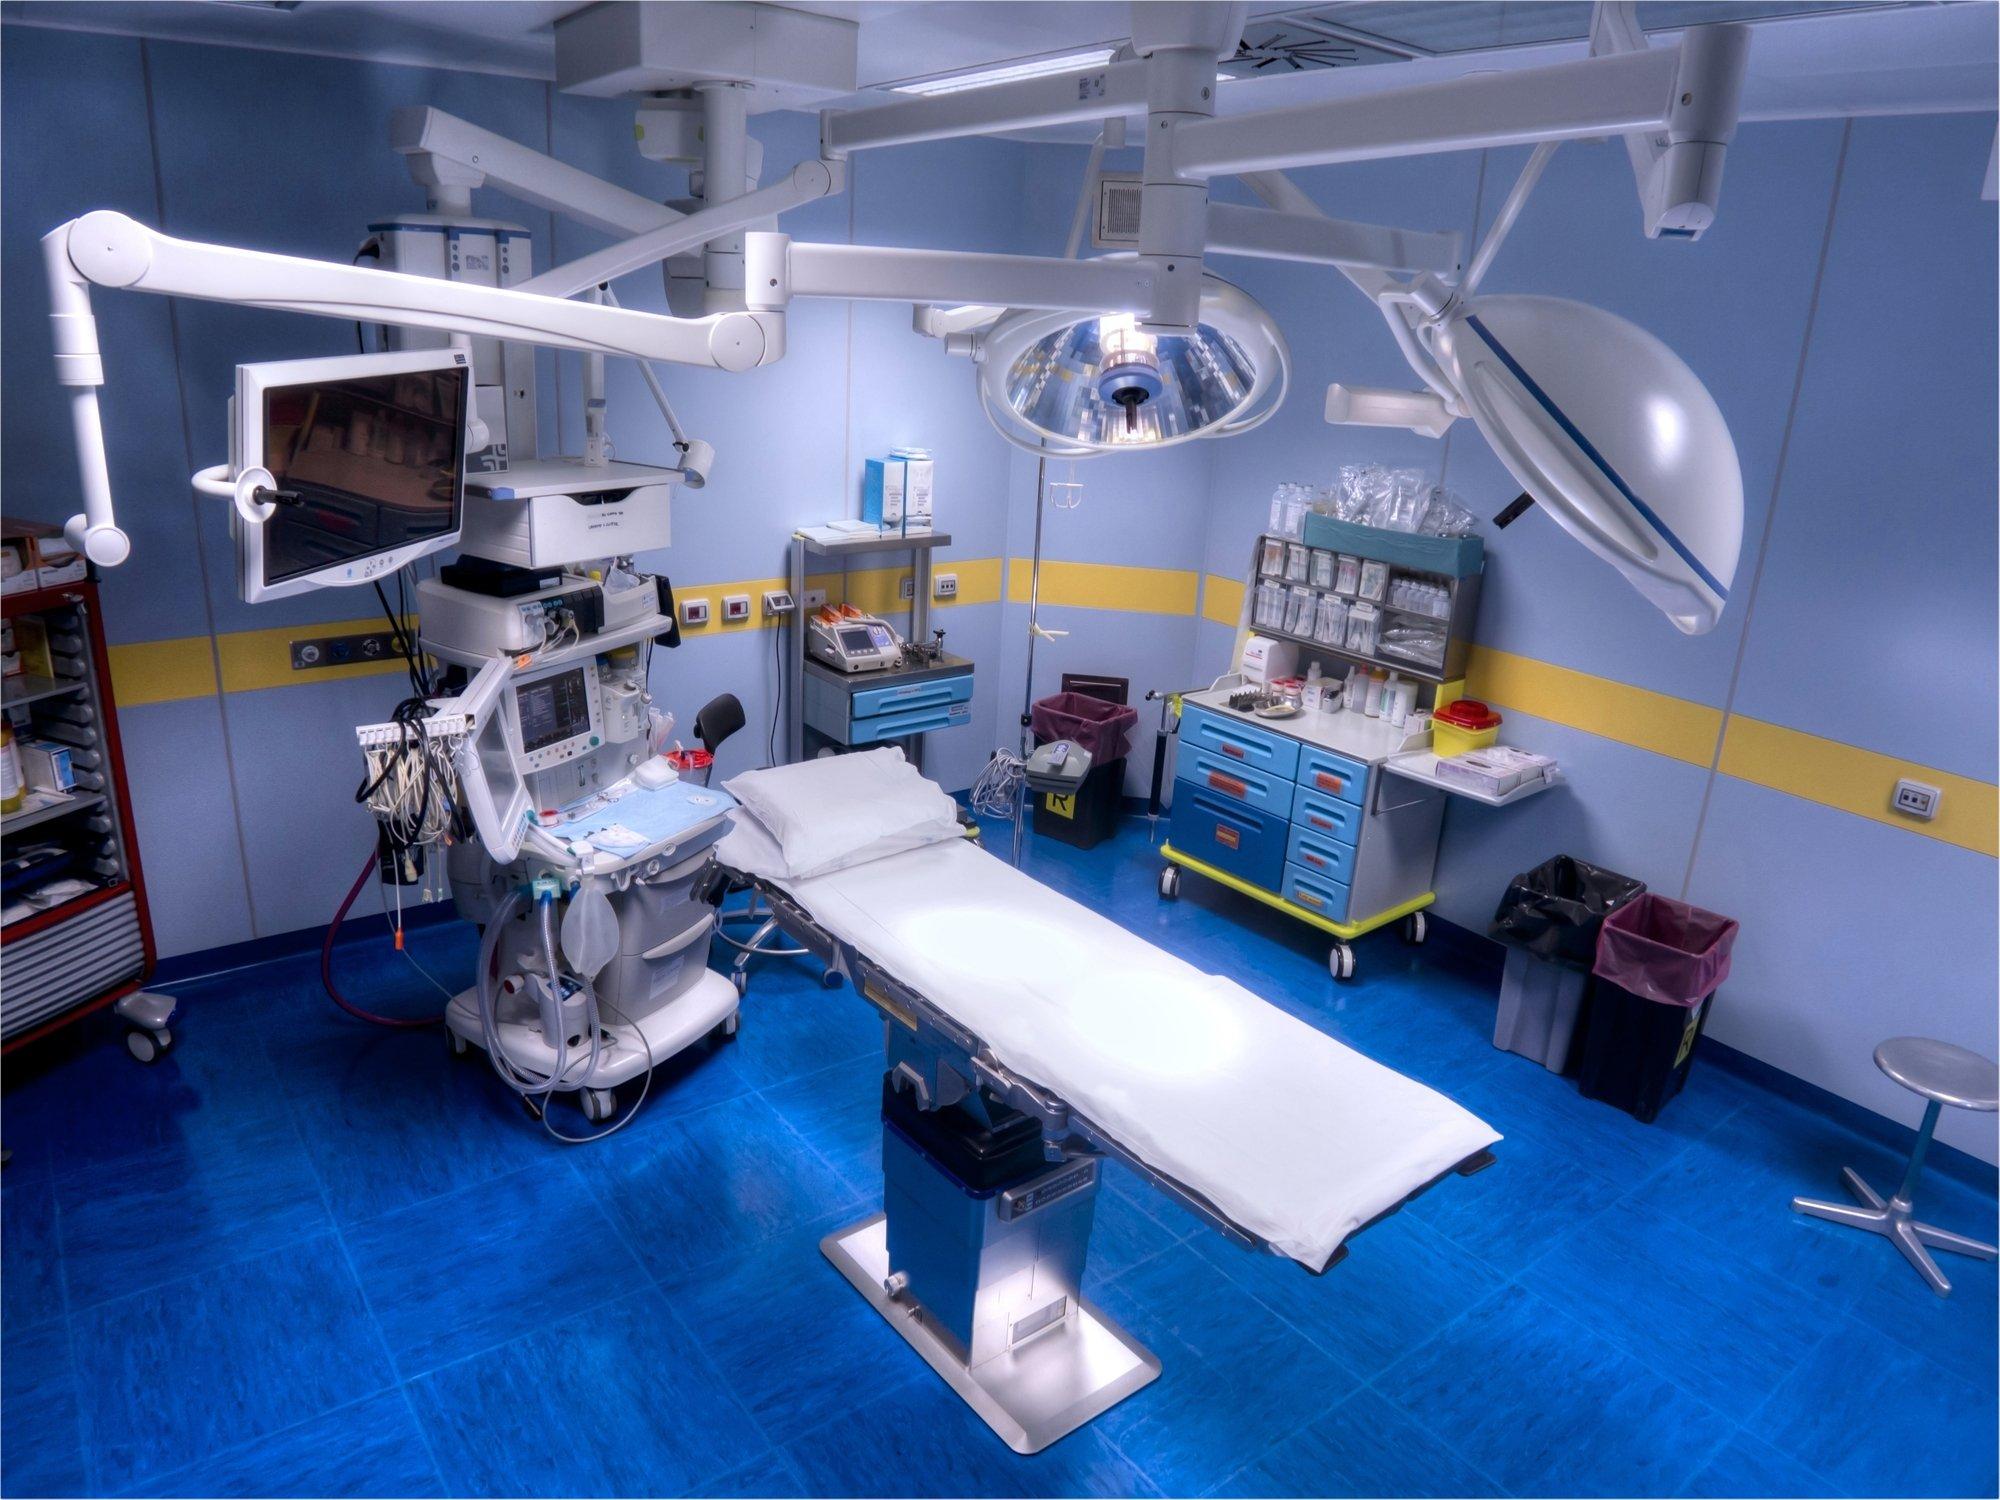 Hospital Appraisals